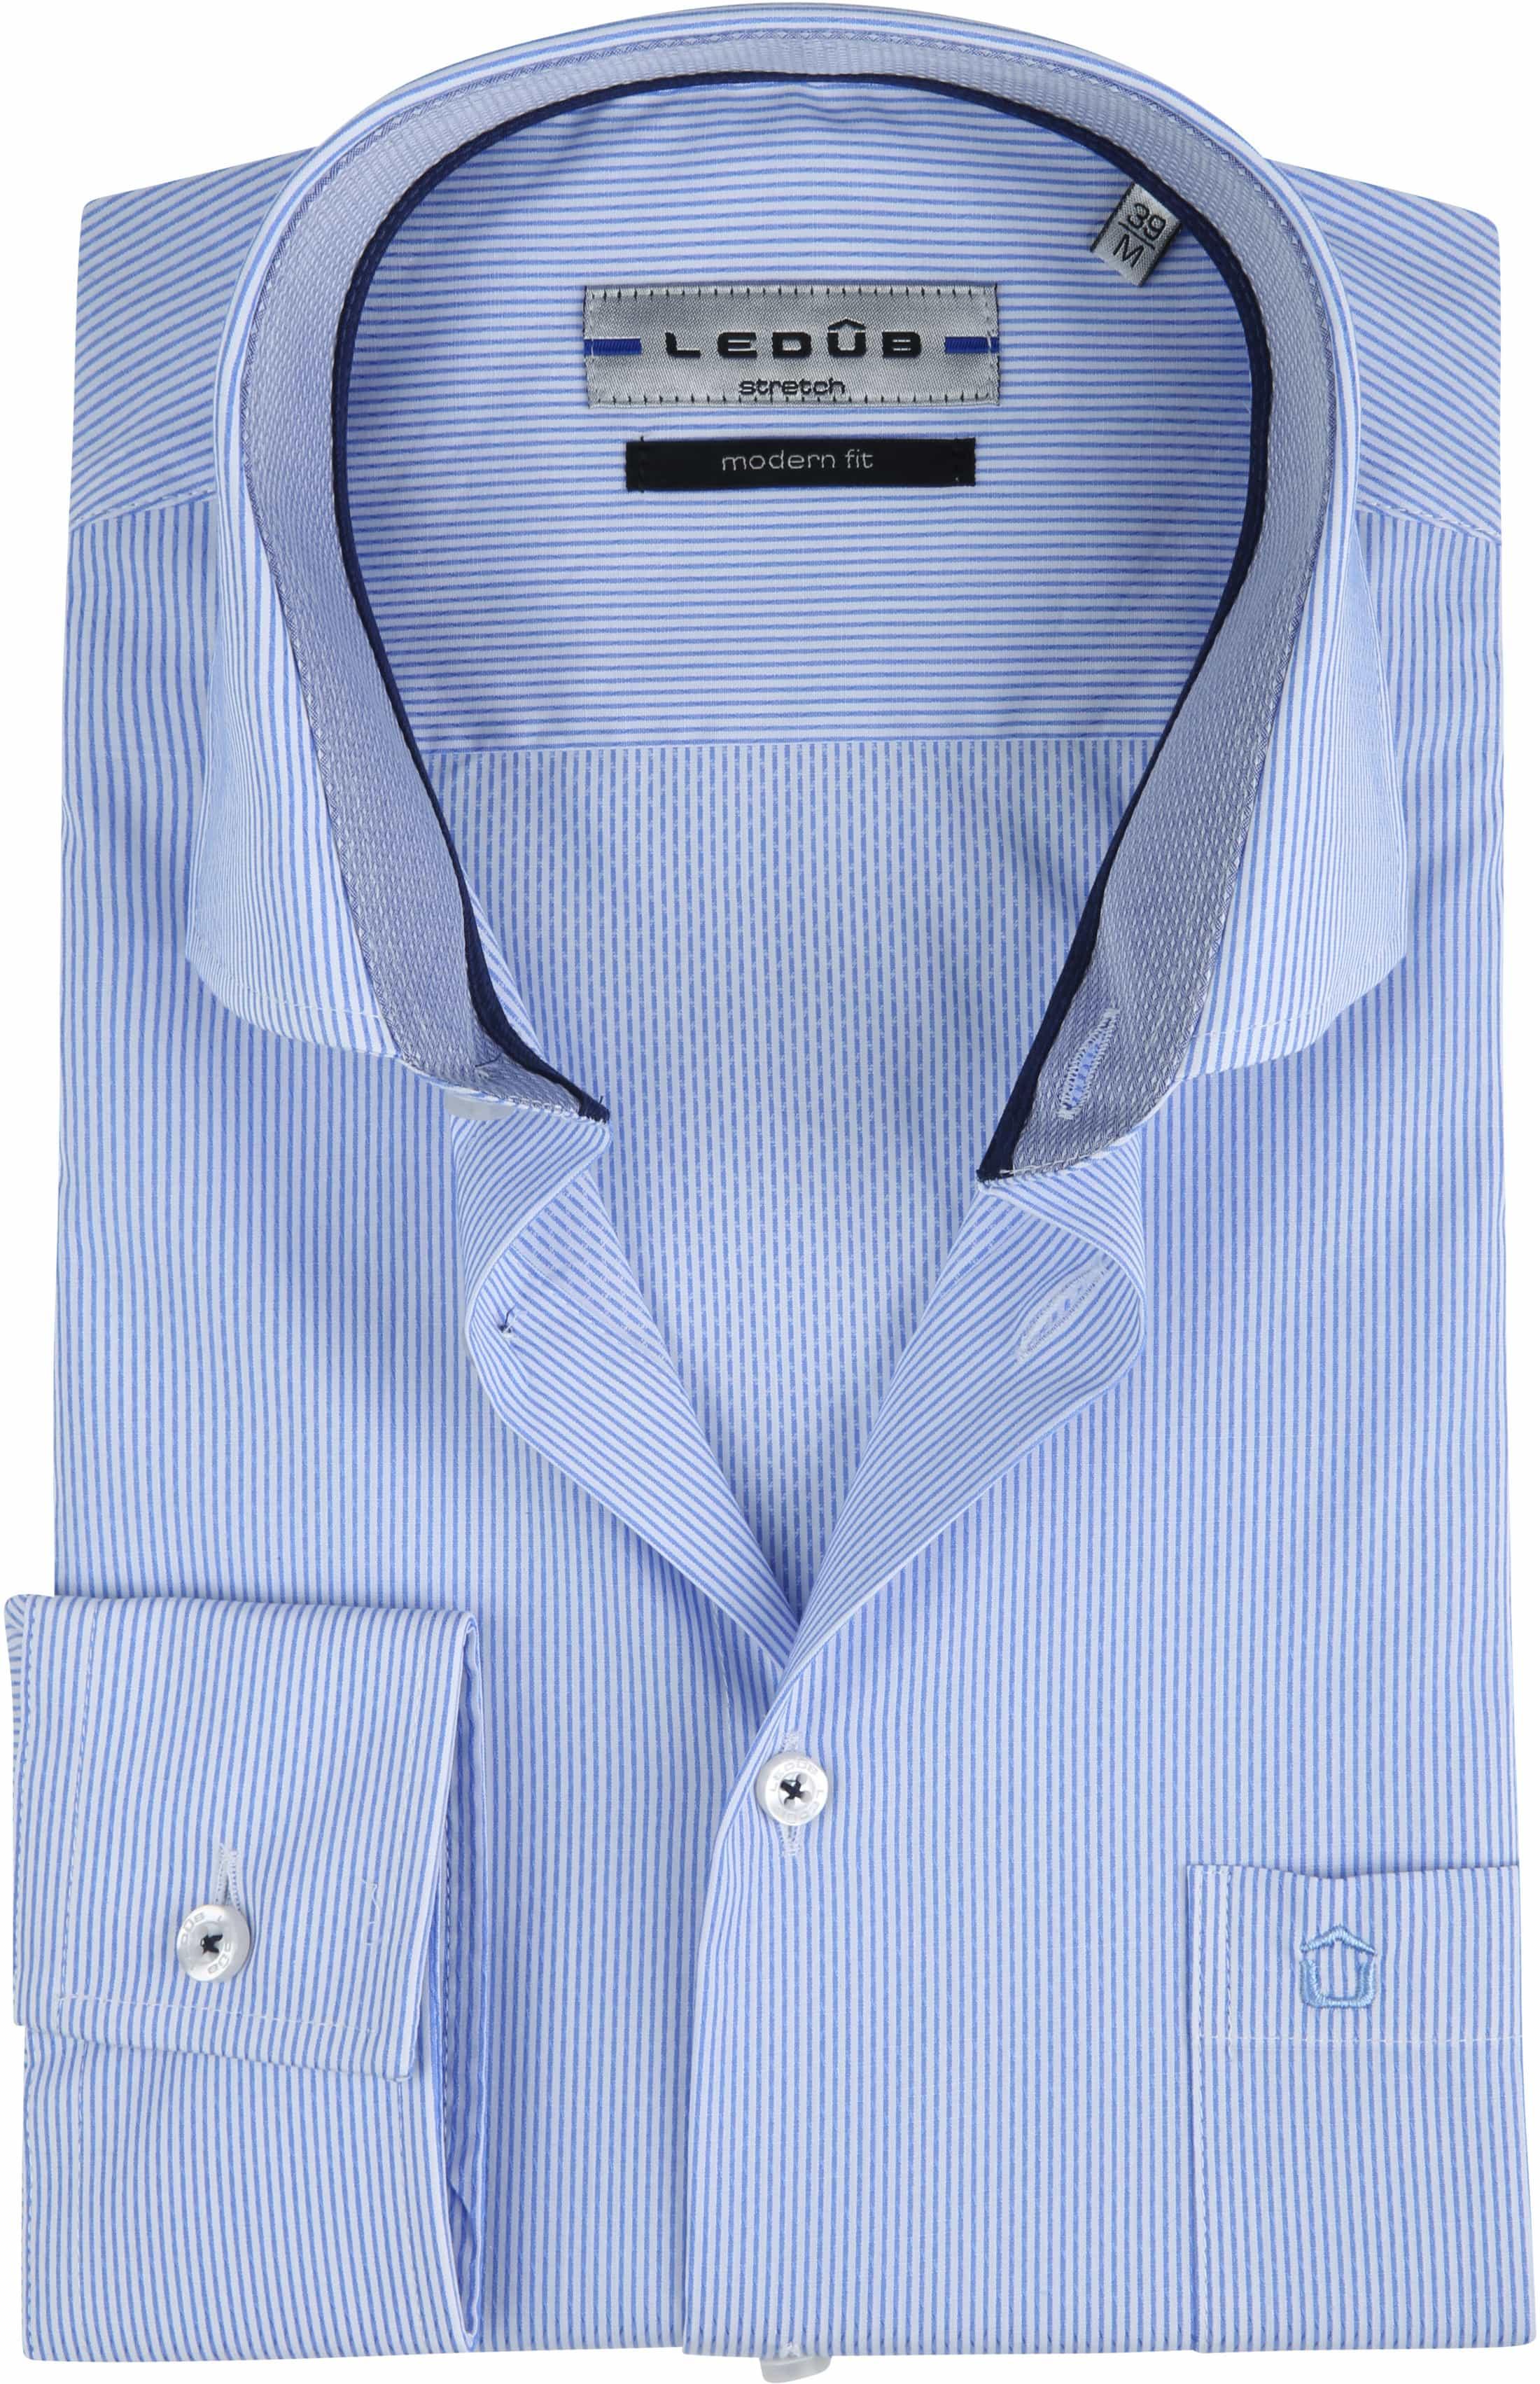 Ledub Overhemd Stretch Streep Blauw foto 0